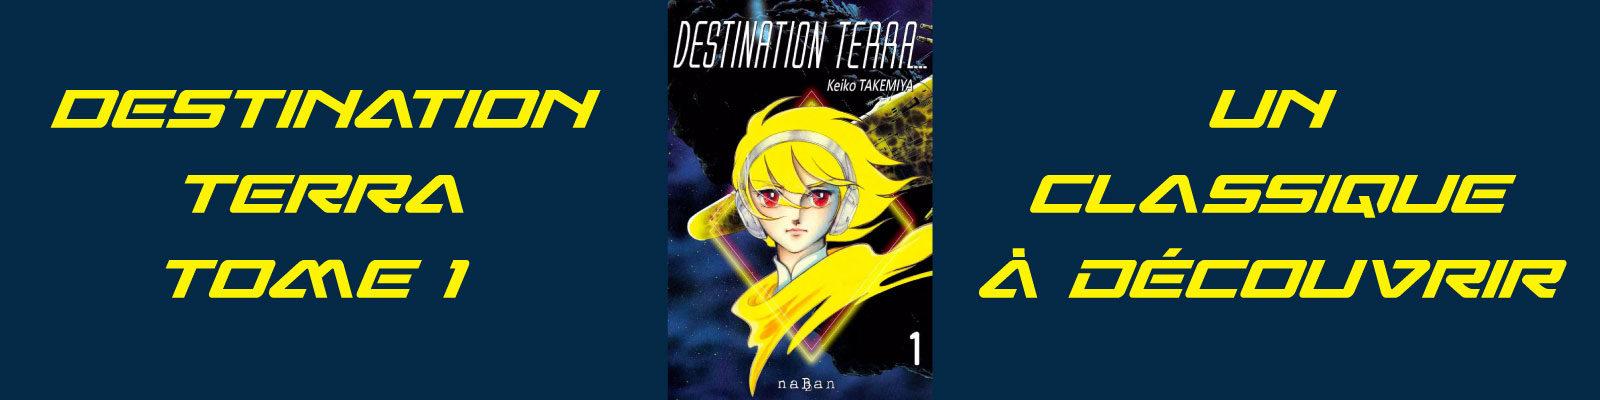 Destination Terra-Vol.-1-2